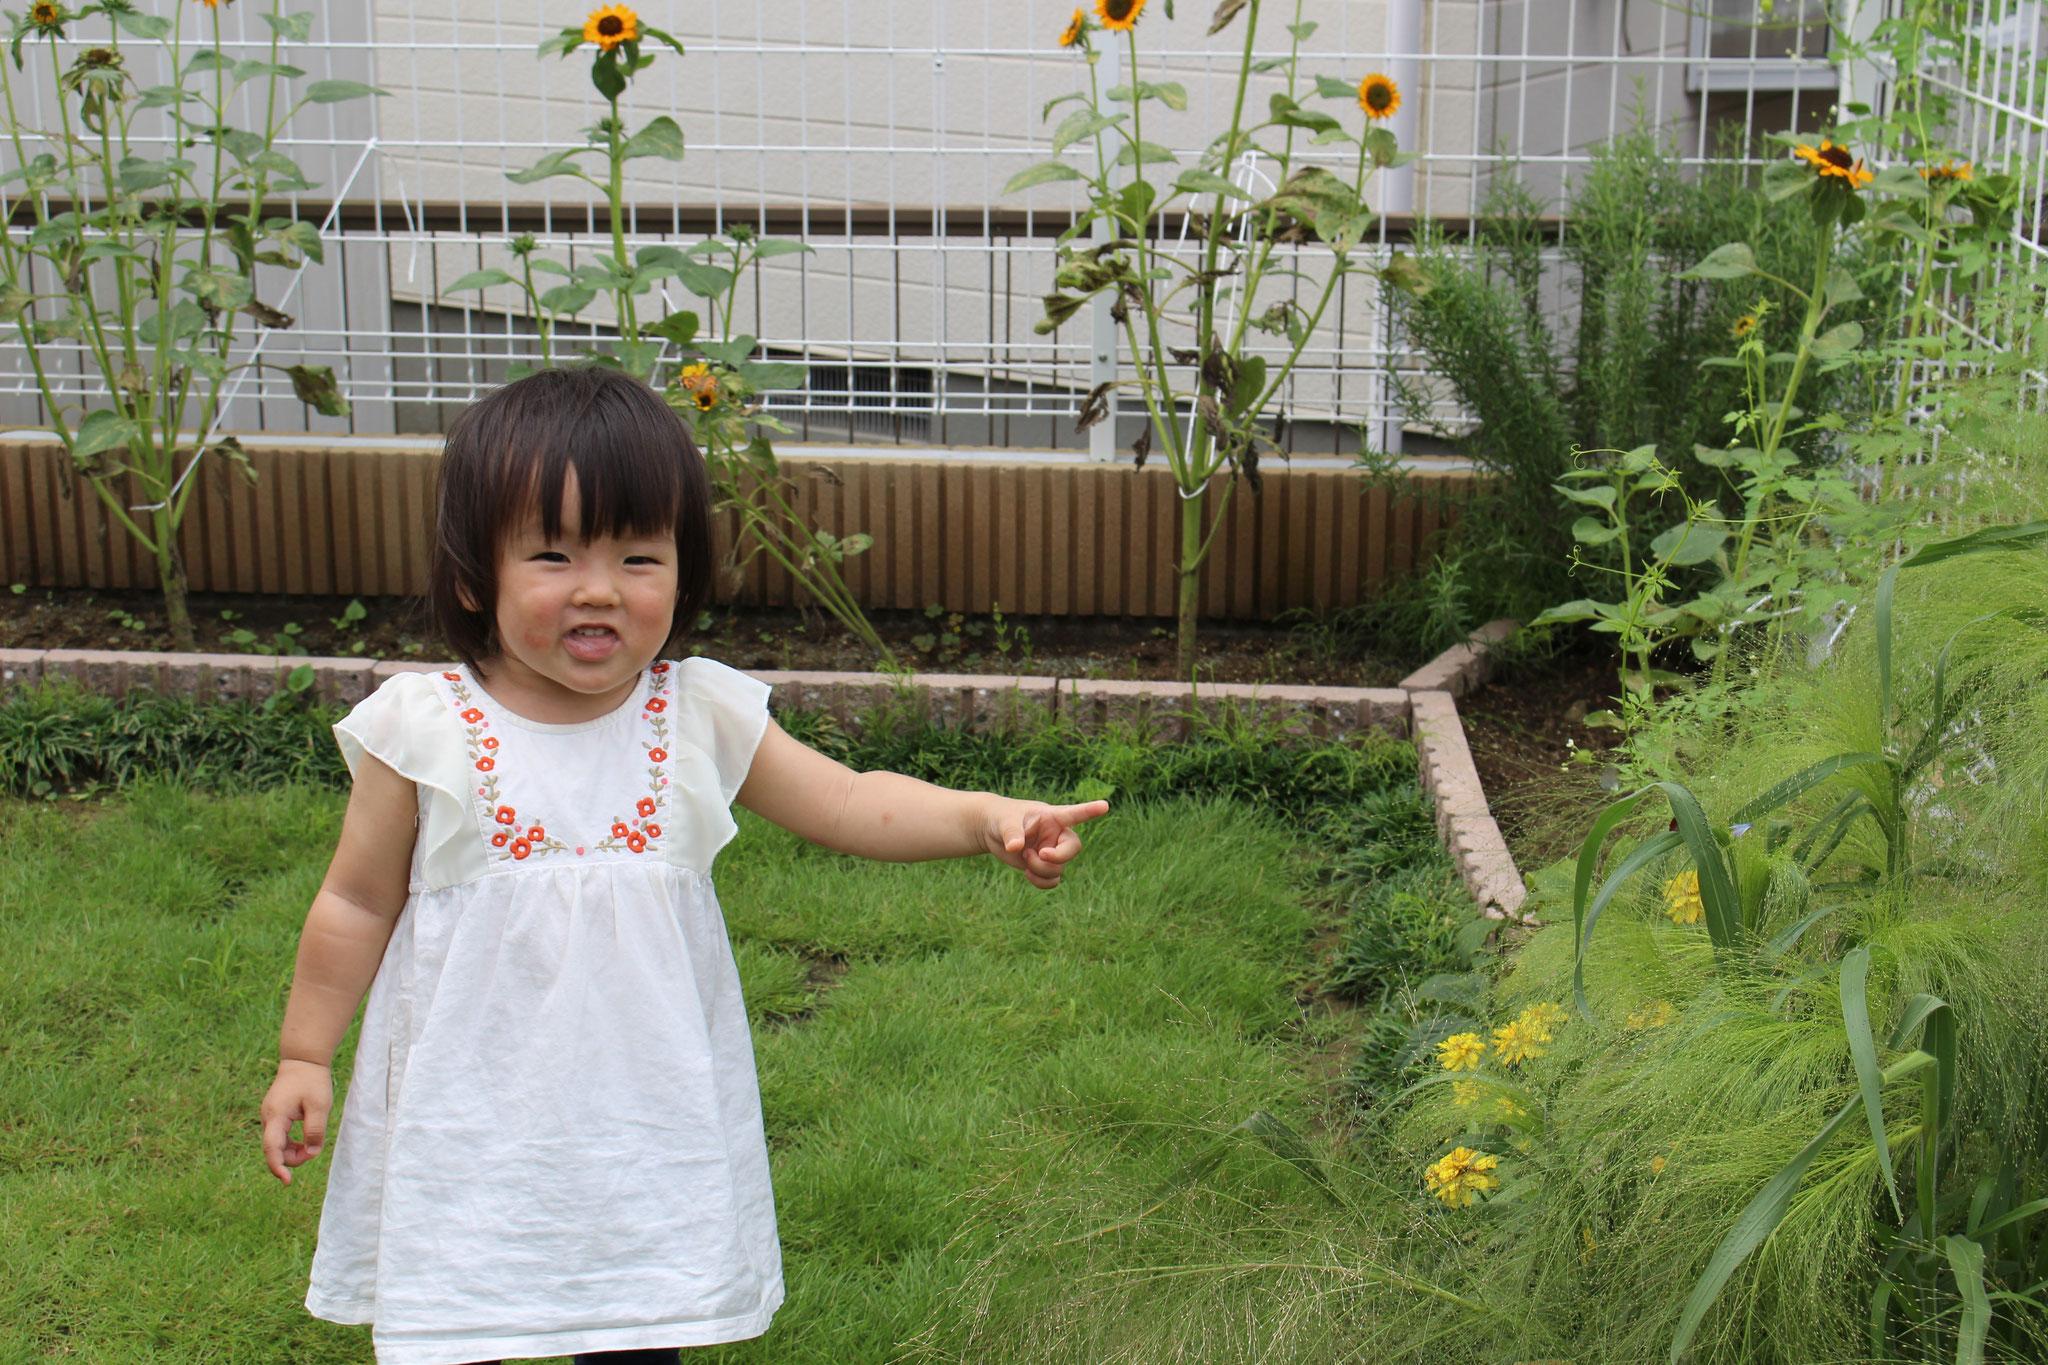 何かを 見つけて 大喜び❣ 屈託のない笑顔が また魅力的です!(^^)!